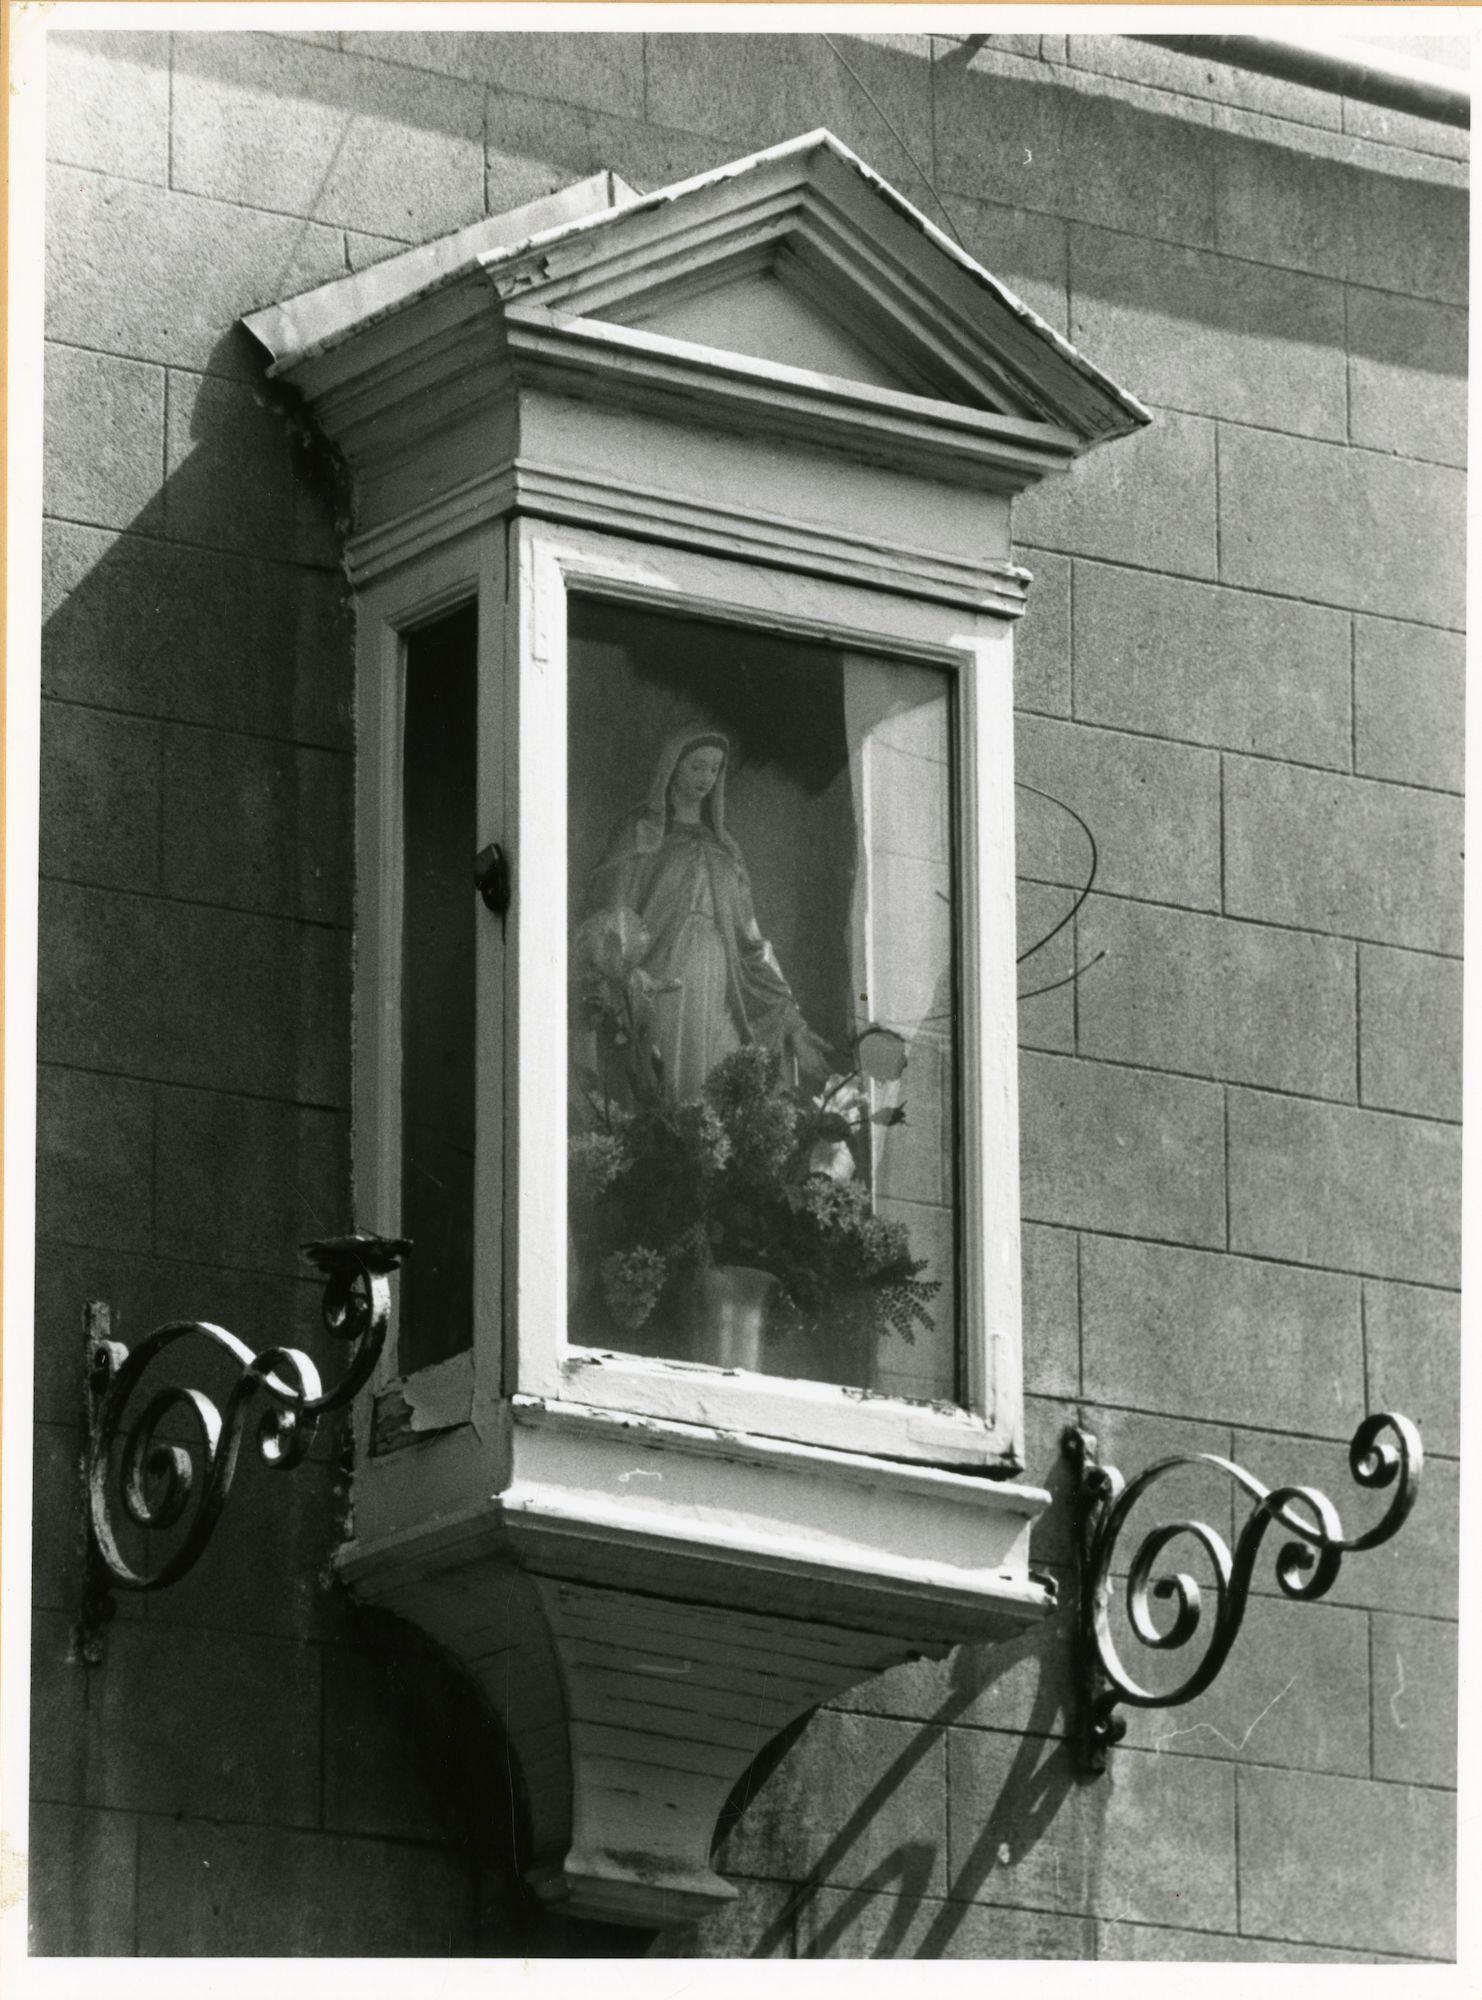 Gent: Eggermonstraat Cité: Gevelkapel: Maria (Onze-Lieve-Vrouw), 1979